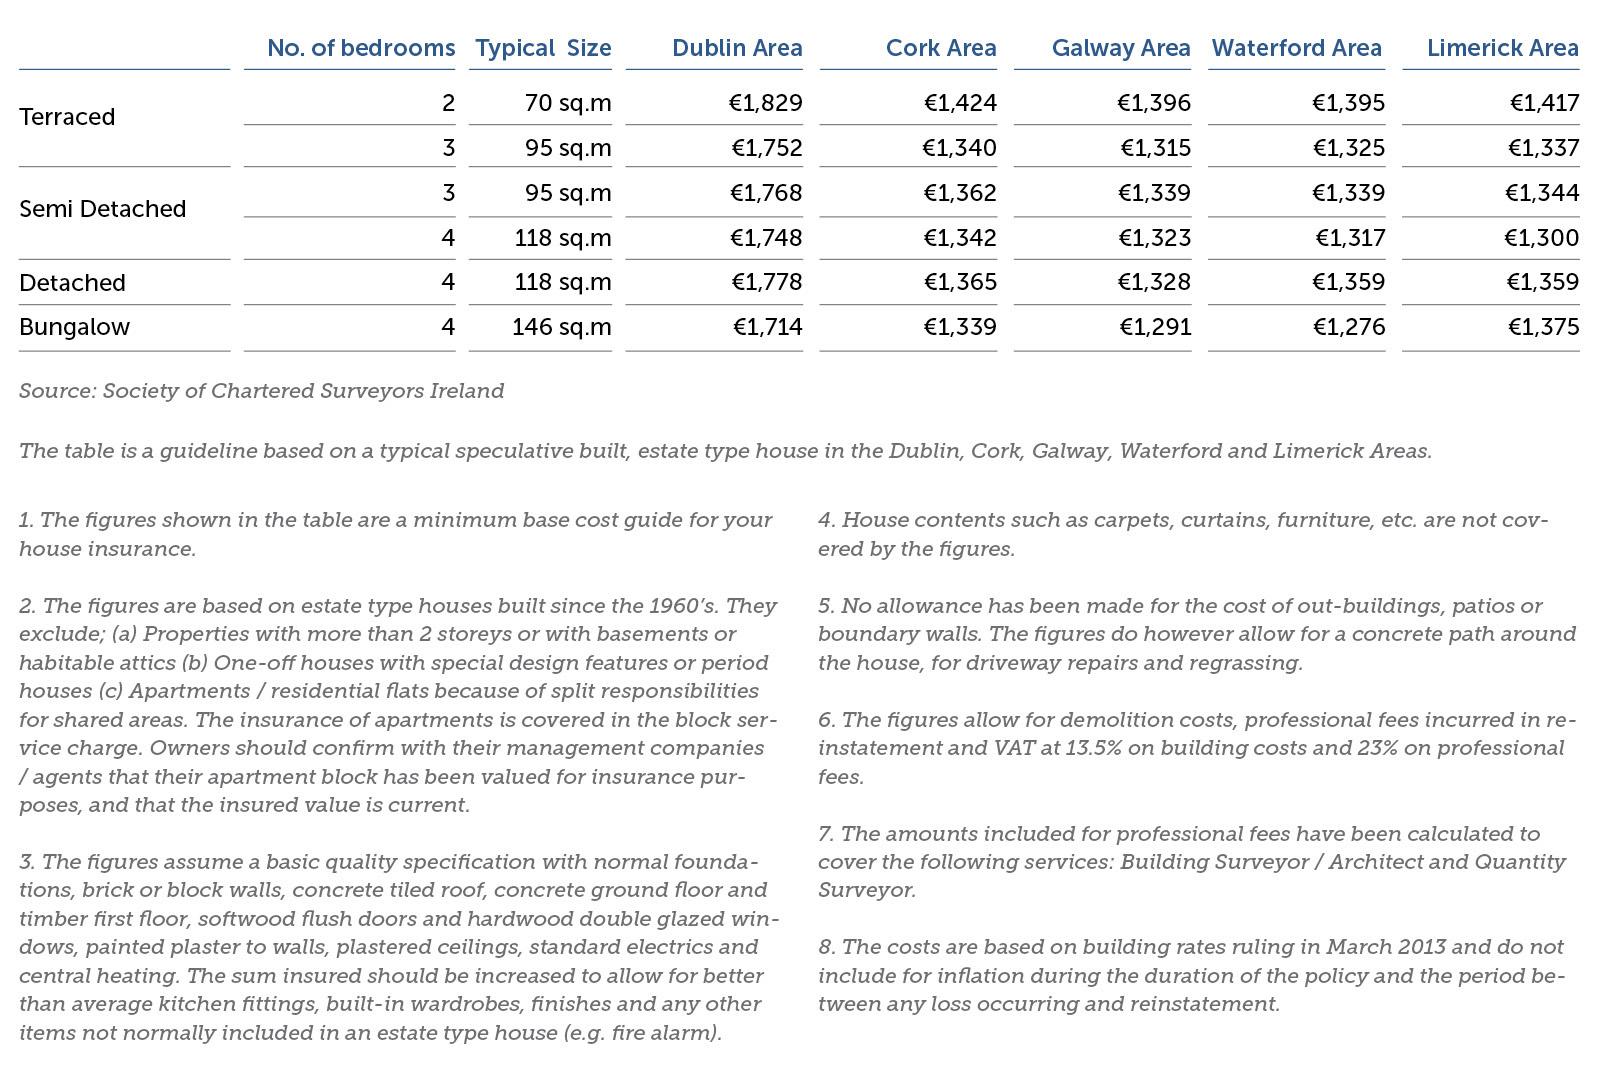 SCSI House Rebuilding Costs per sqm 2013